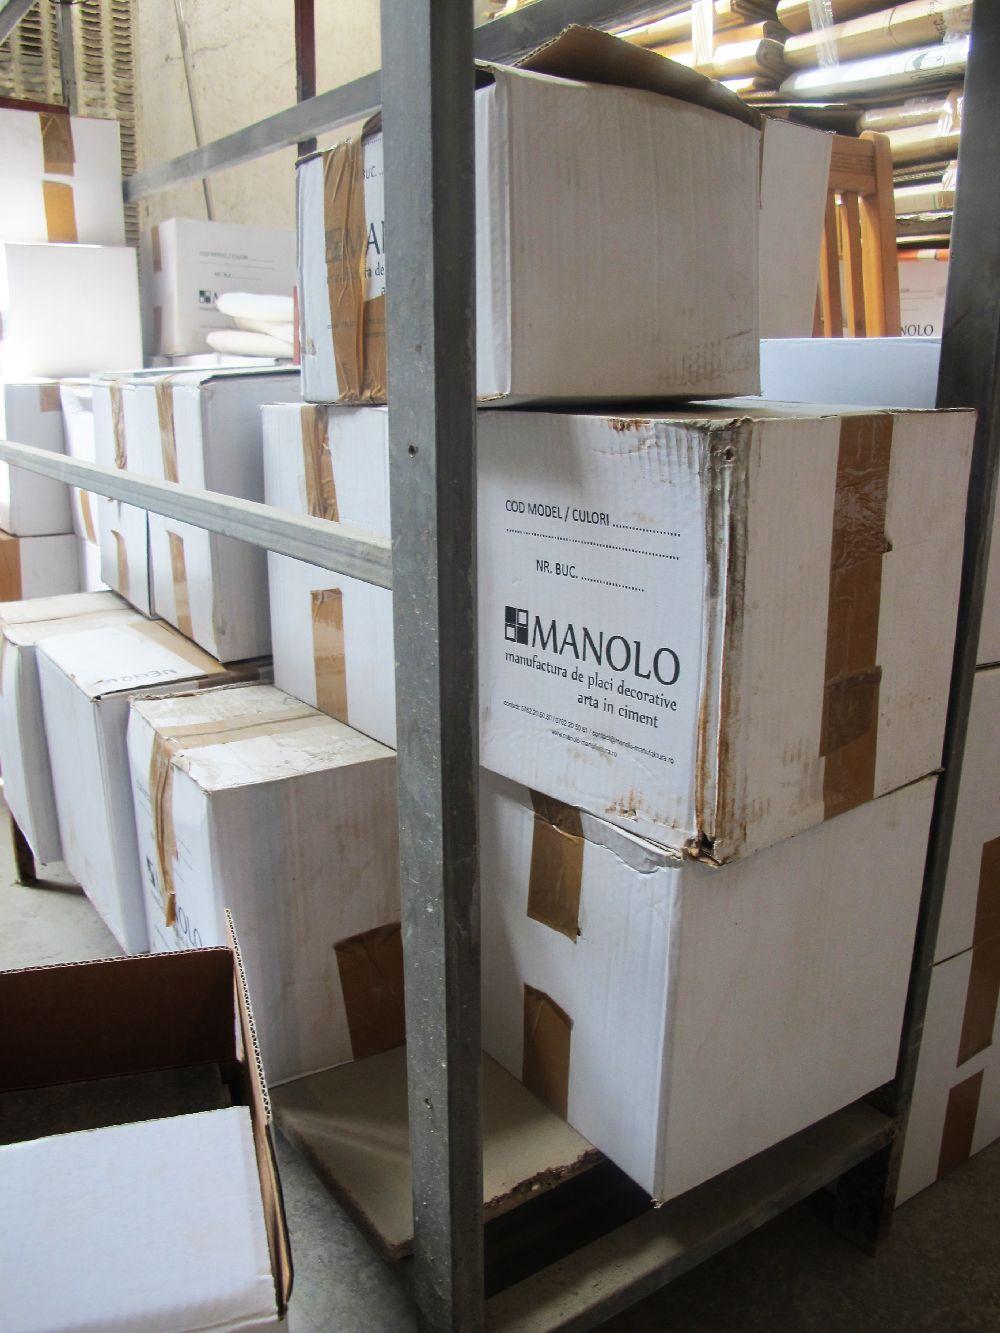 adelaparvu.com despre placi decorative din ciment, Manolo Manufaktura (33)